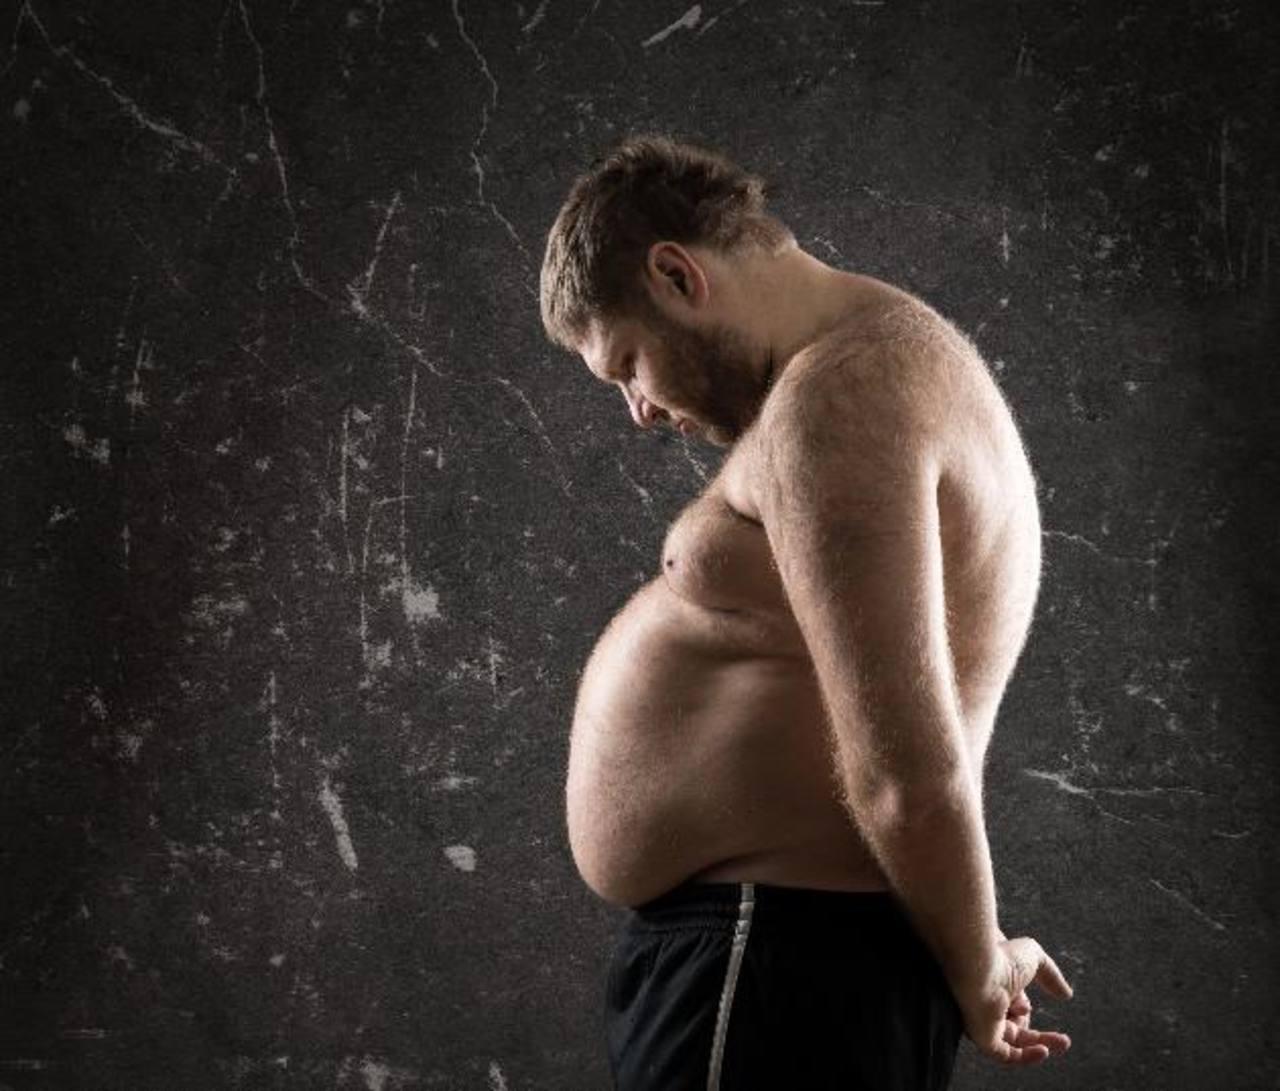 Los cinco órganos del cuerpo que más afecta la obesidad | elsalvador.com